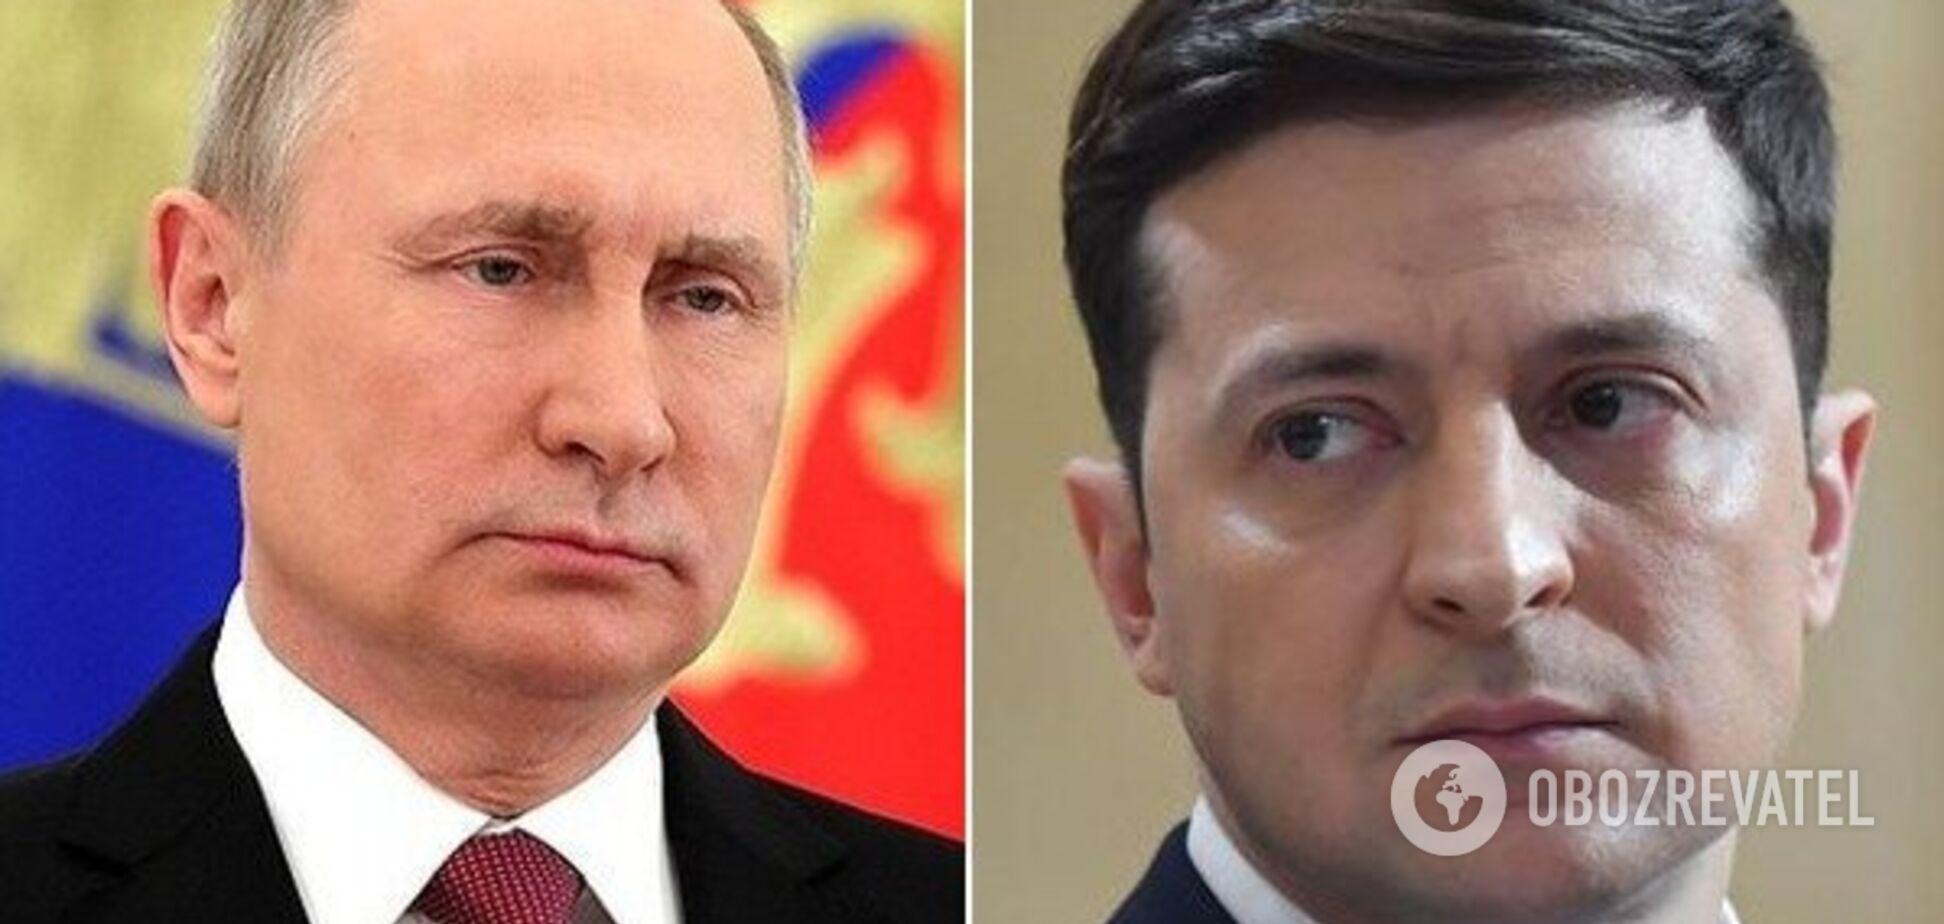 Путин поставил Зеленскому ультиматум: первые подробности о договорённостях 'нормандской встречи'